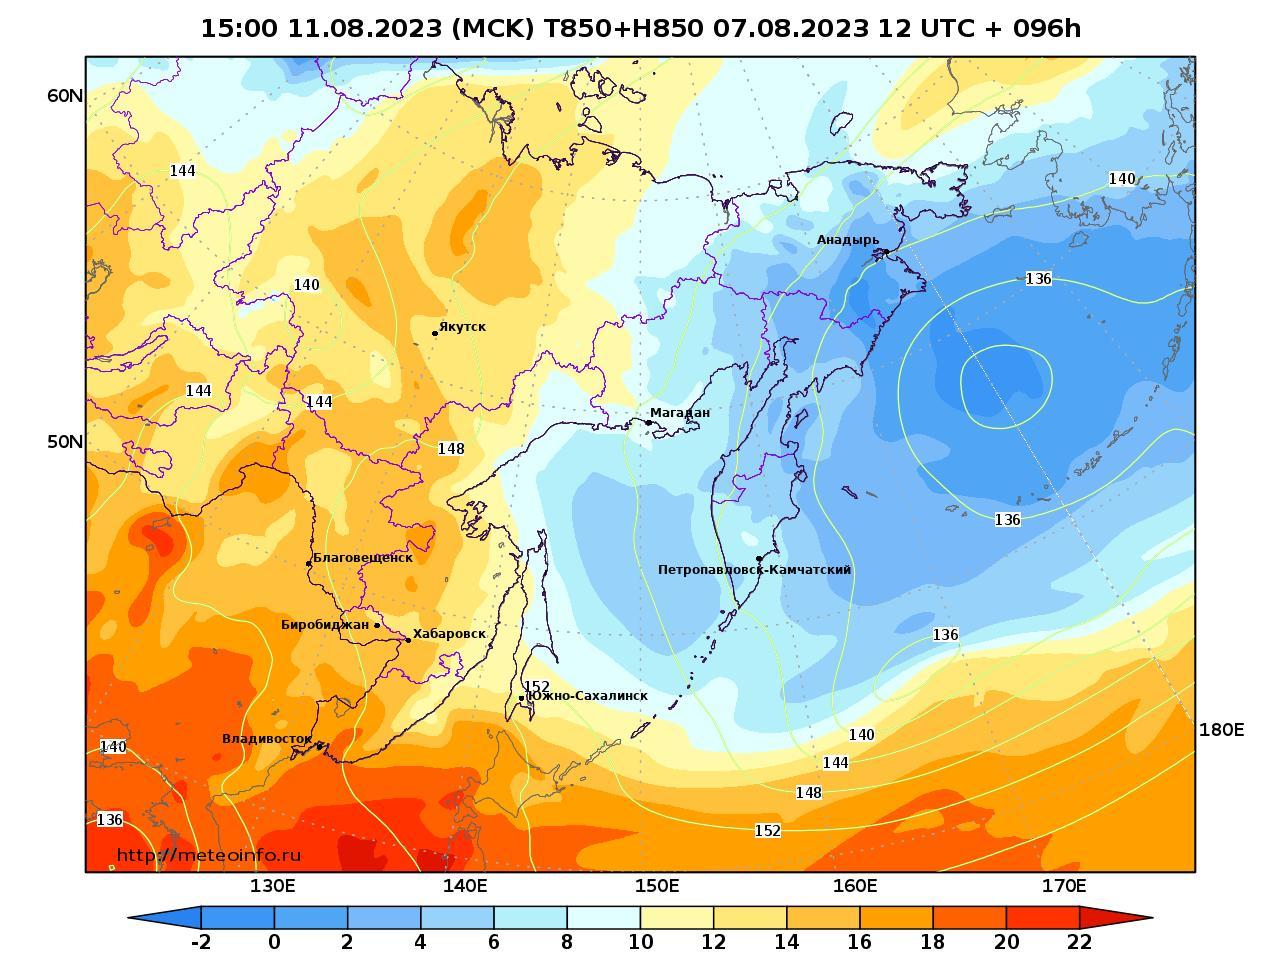 Дальний Восток, прогностическая карта температура T850 и геопотенциал H850, заблаговременность прогноза 96 часов